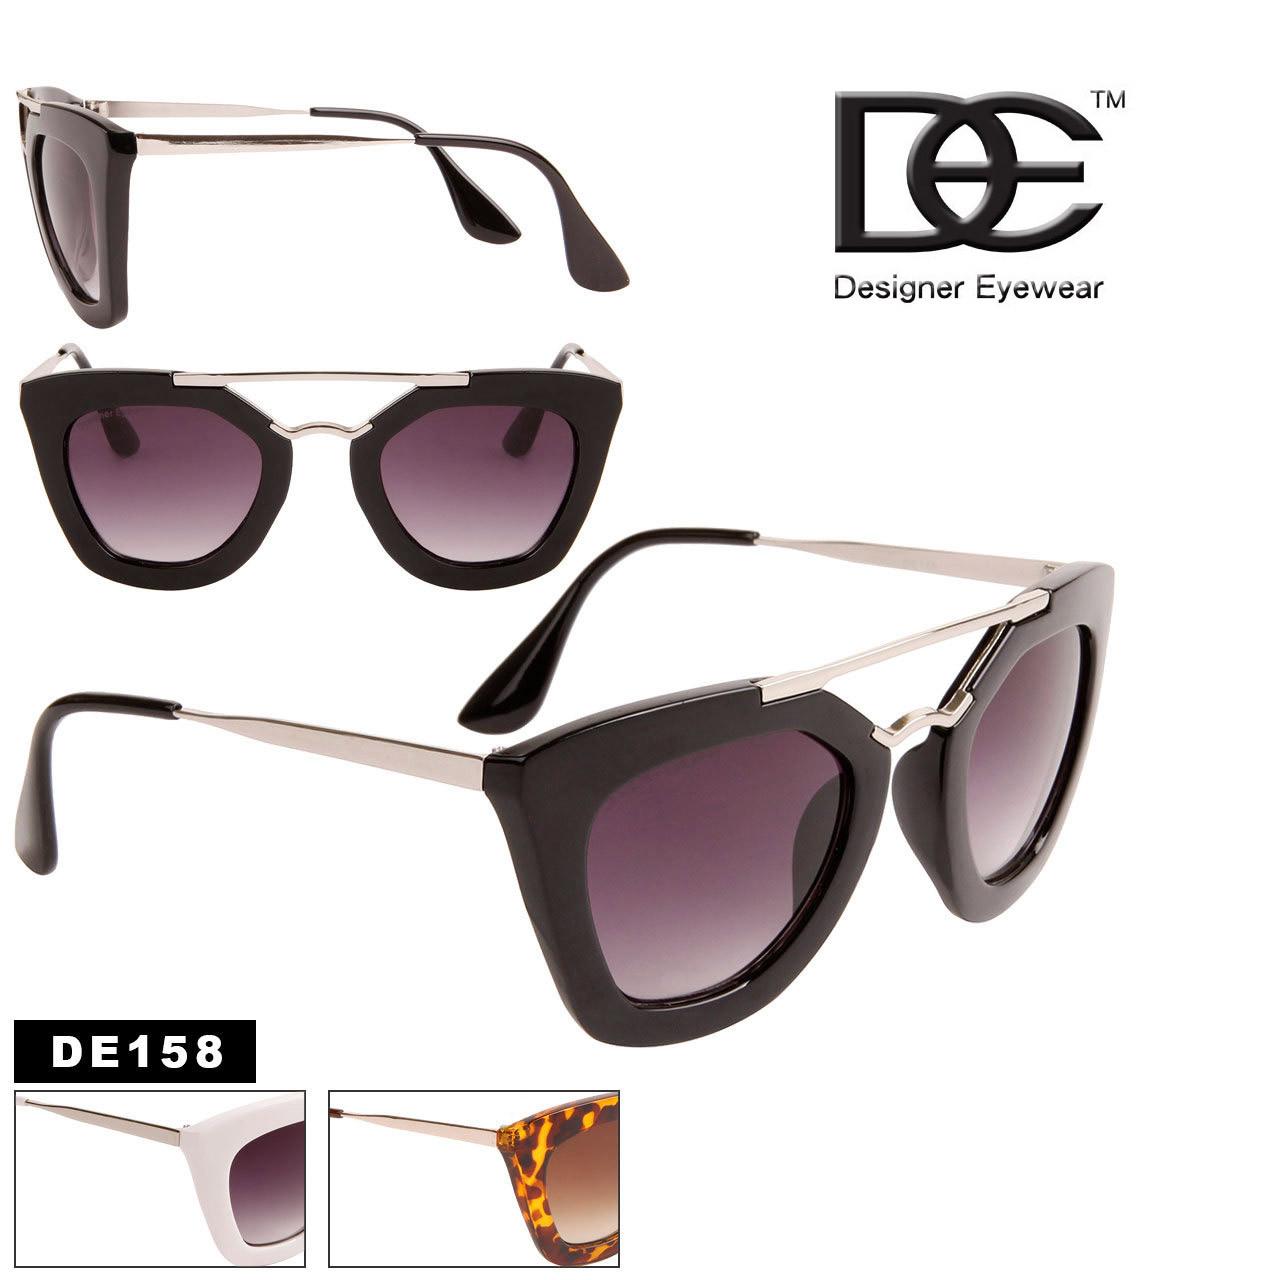 Wholesale Women's Sunglasses - Style #DE158